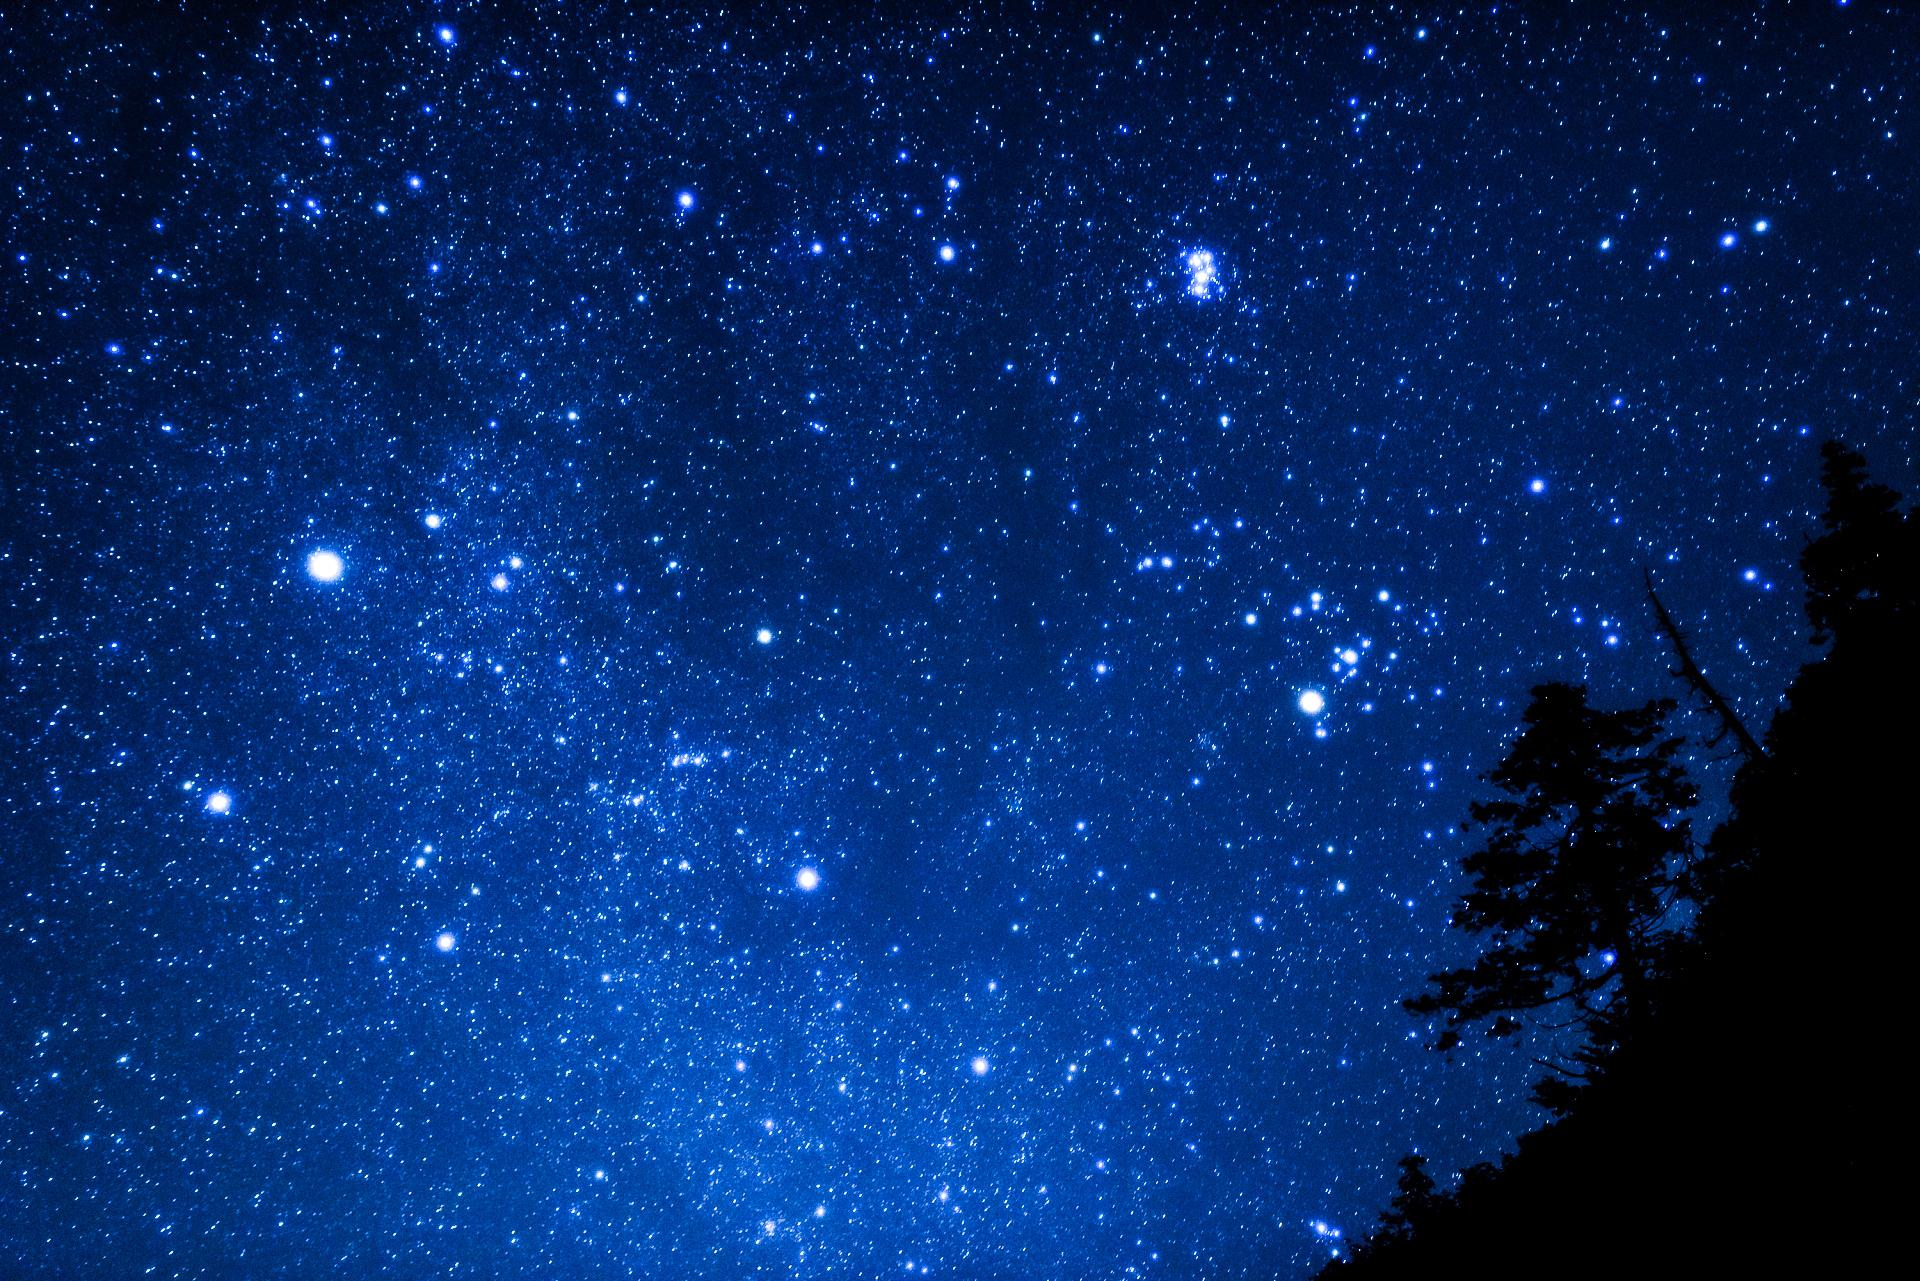 石垣島で見られる満天の星